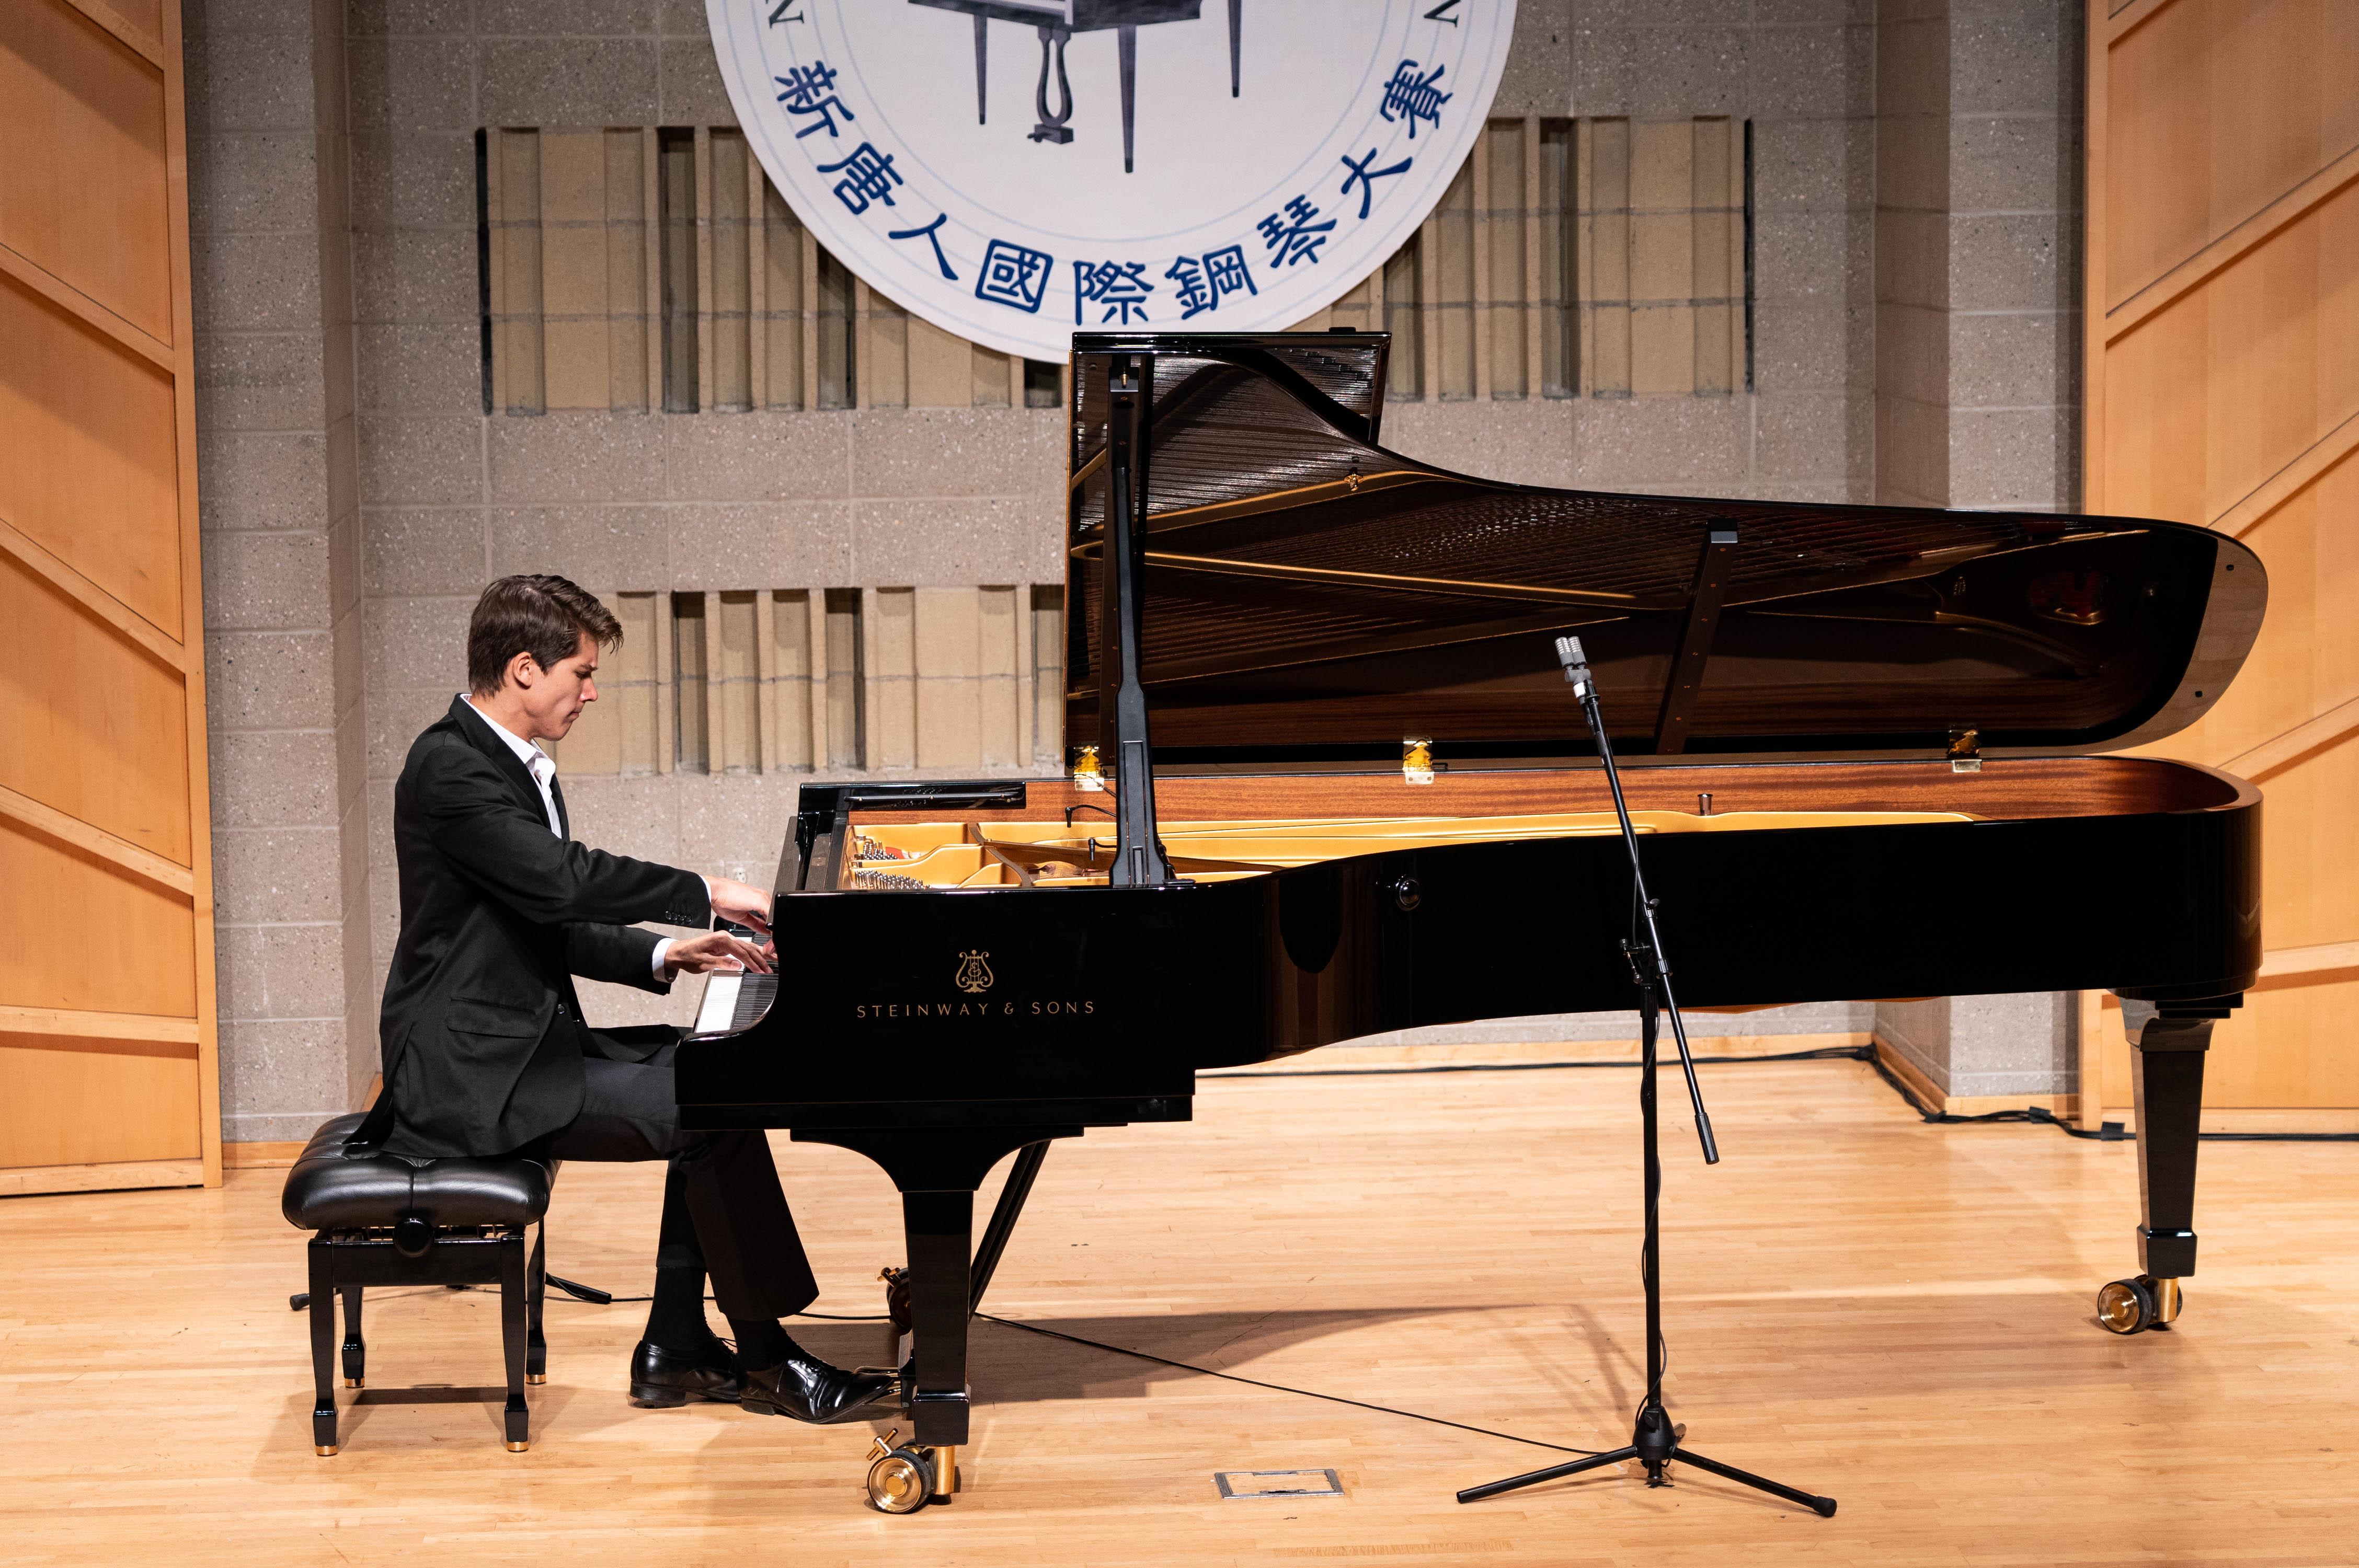 9月28日,2019第五屆新唐人國際鋼琴大賽決賽。俄羅斯裔選手彼得羅夫(Vladimir Petrov)摘得金獎。(戴兵/大紀元)